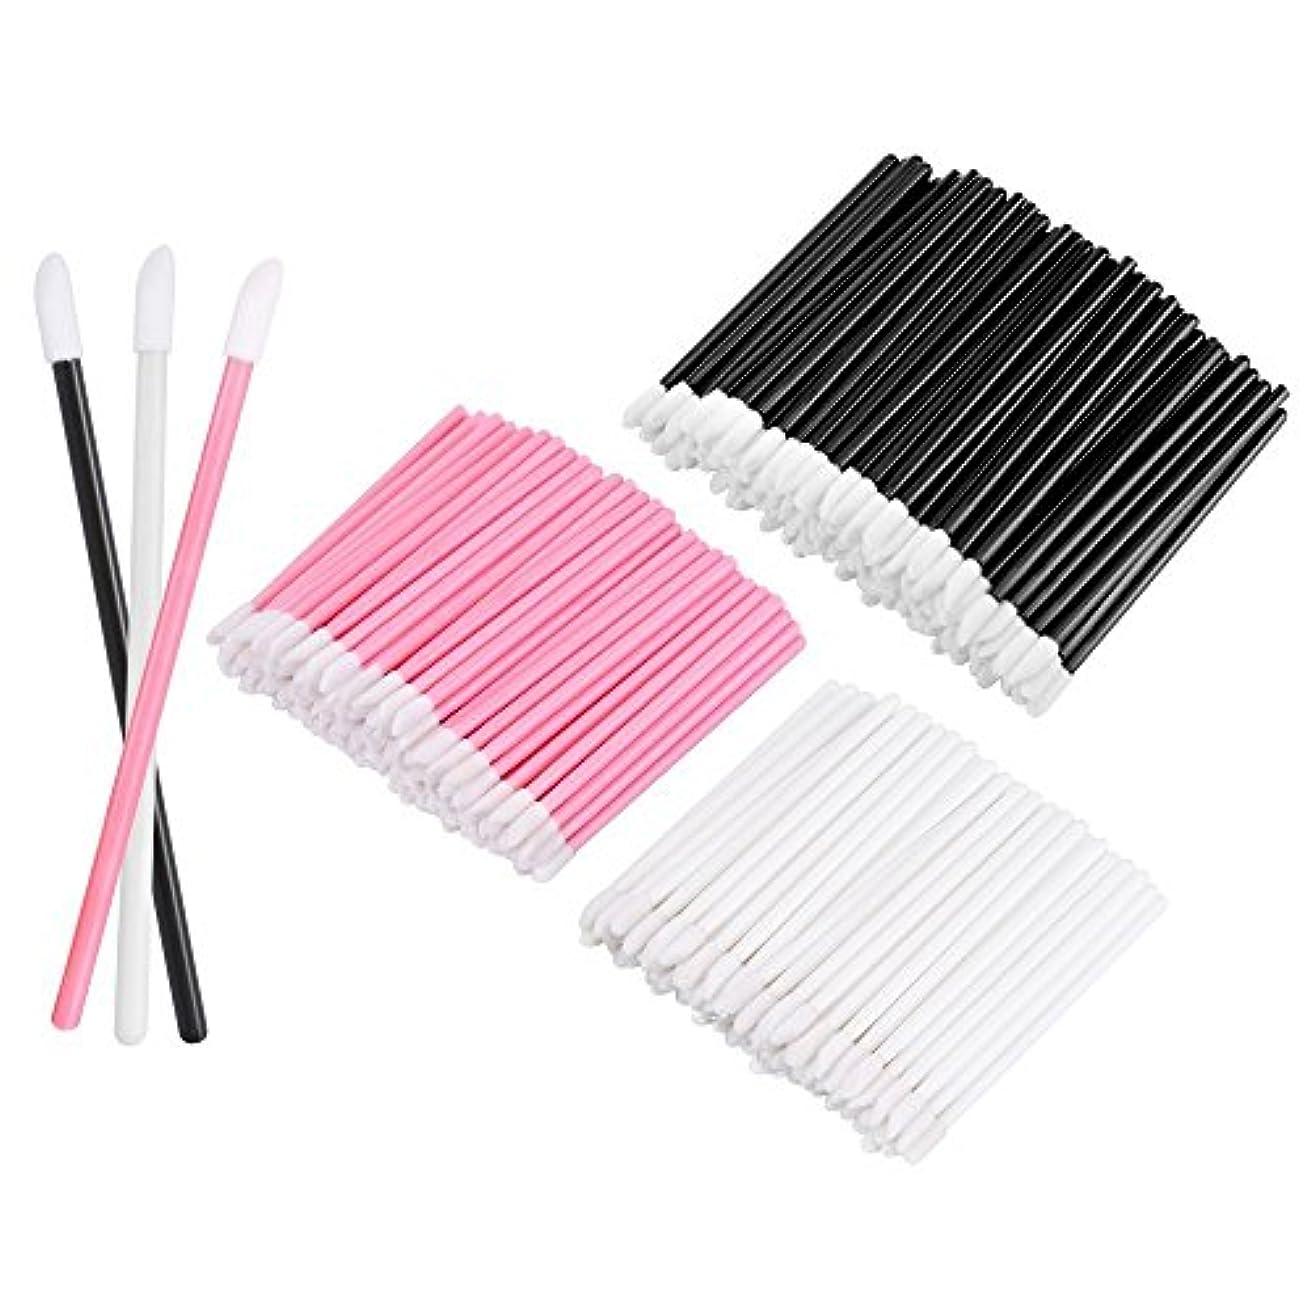 ぬれた代わりに病院KEDSUM リップブラシ 使い捨て 300本入り メイクブラシ 化粧用品 化粧筆 化粧ブラシ 携帯用 便利 (3色)